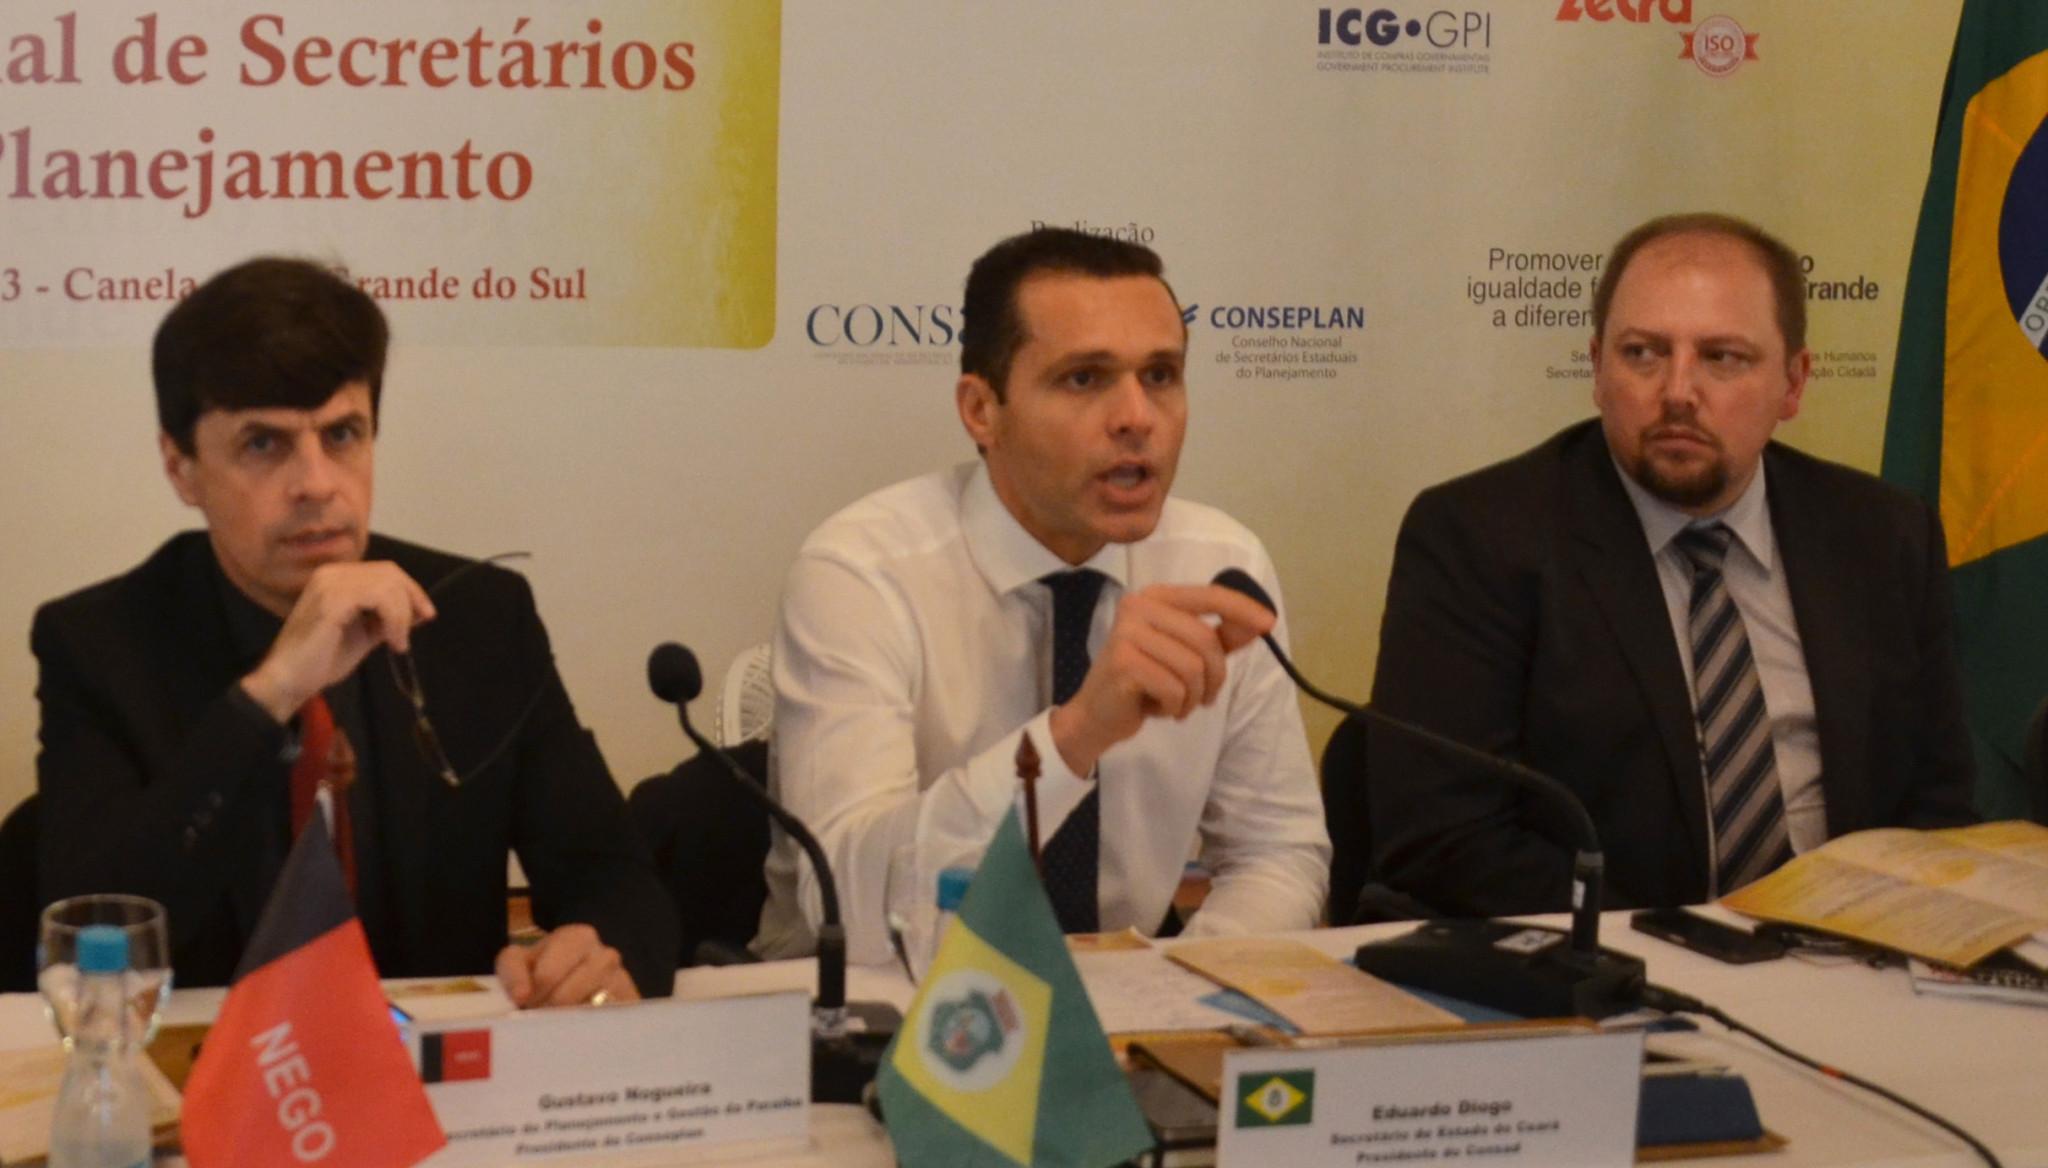 Secretário quer debater a Nova Previdência no VII Congresso CONSAD